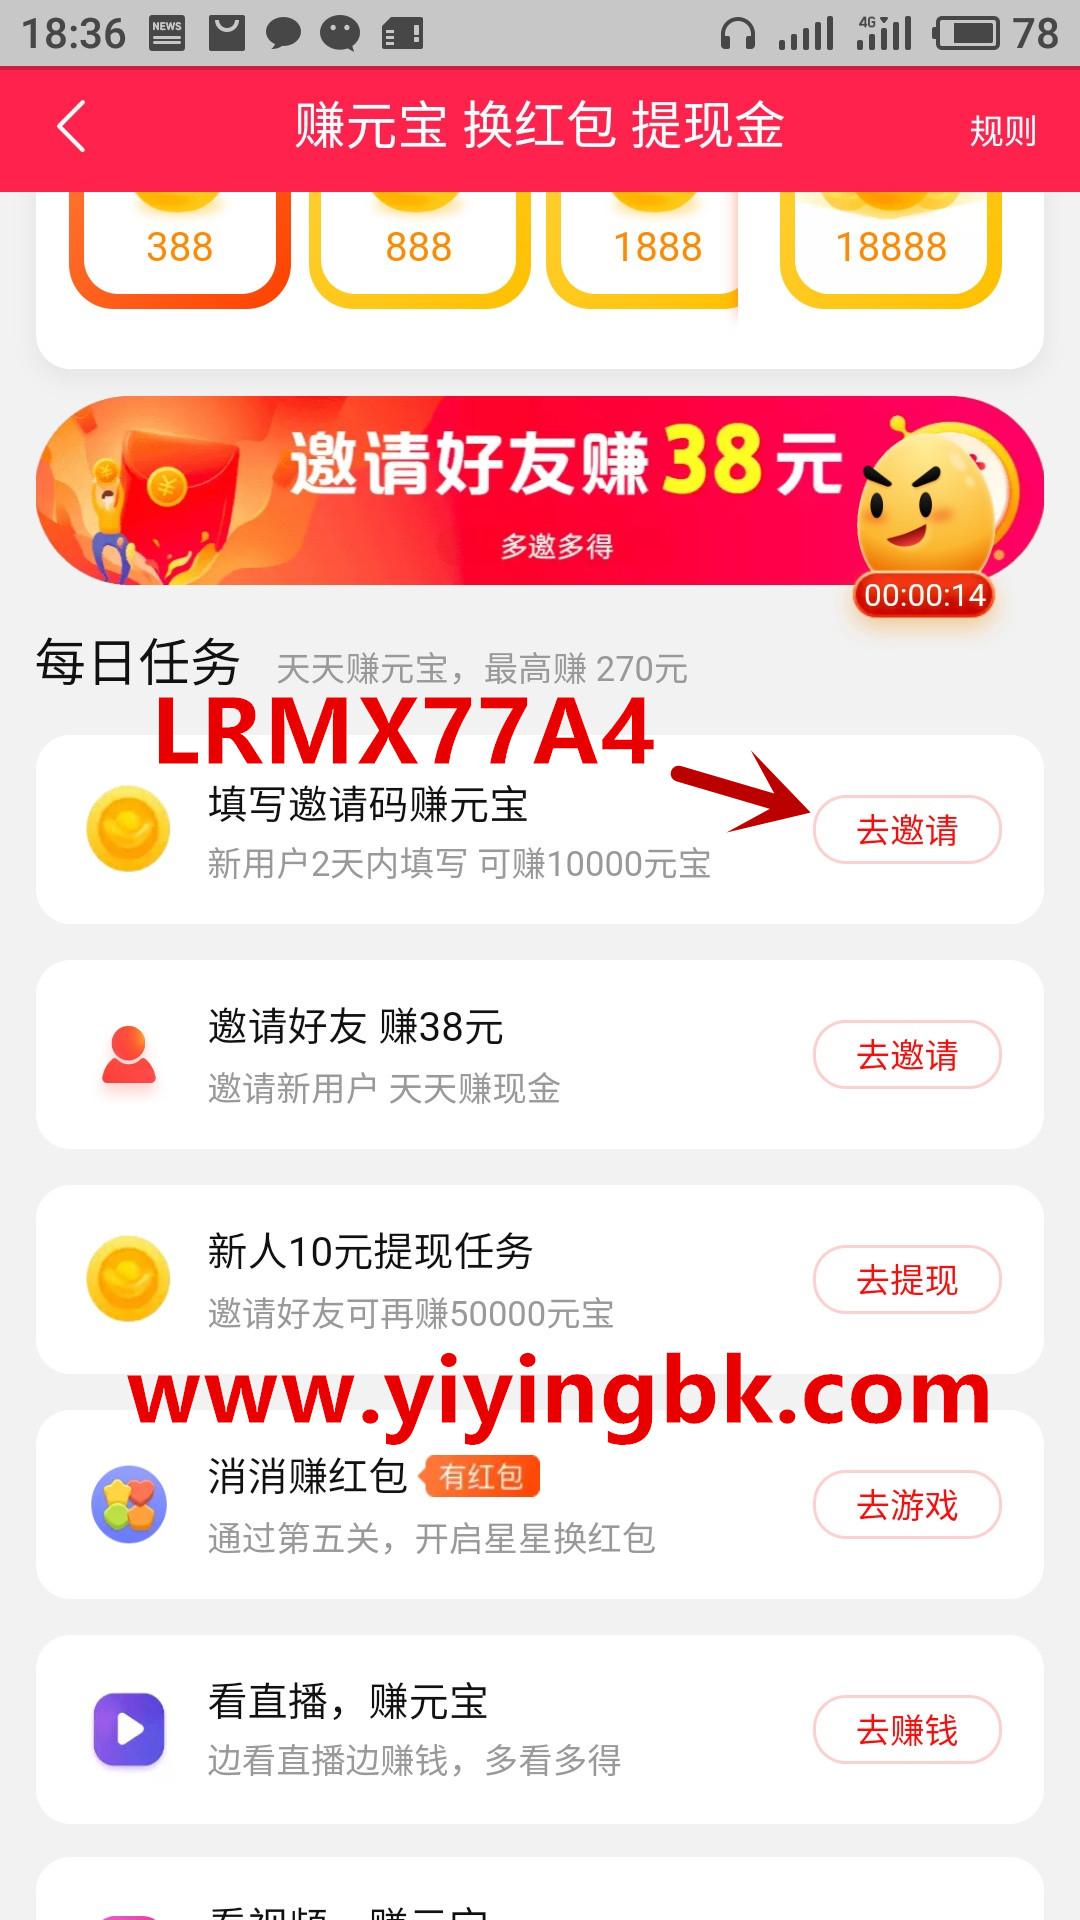 淘宝直播填写邀请码LRMX77A4免费领取1元红包,www.yiyingbk.com